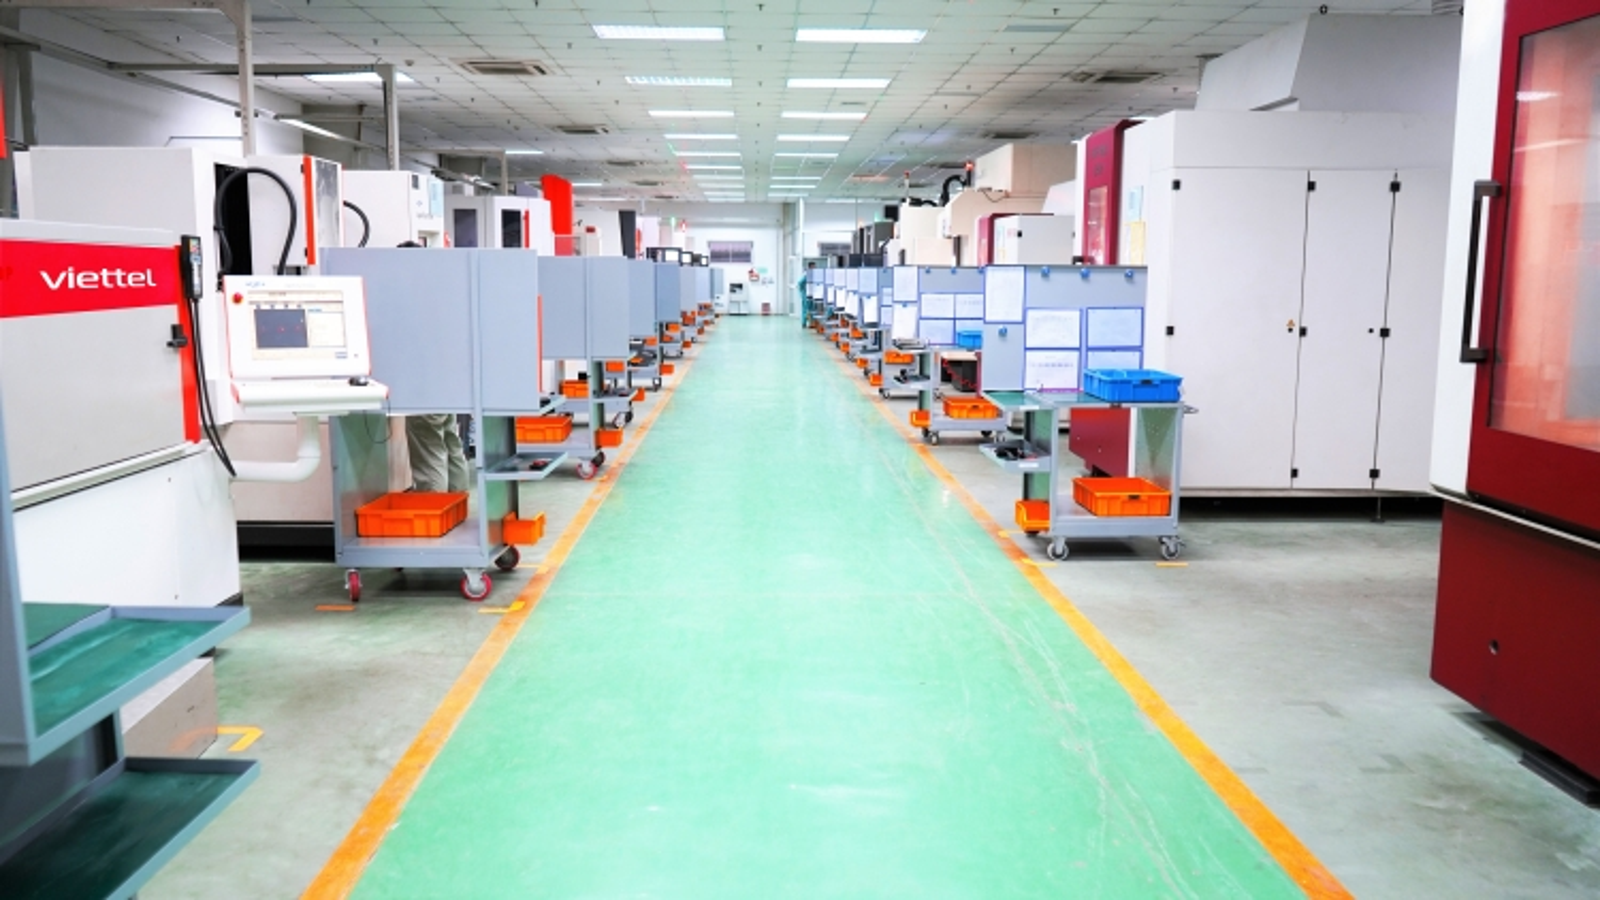 Lần đầu tiên Việt Nam tham gia chuỗi cung ứng ngành Hàng không vũ trụ toàn cầu